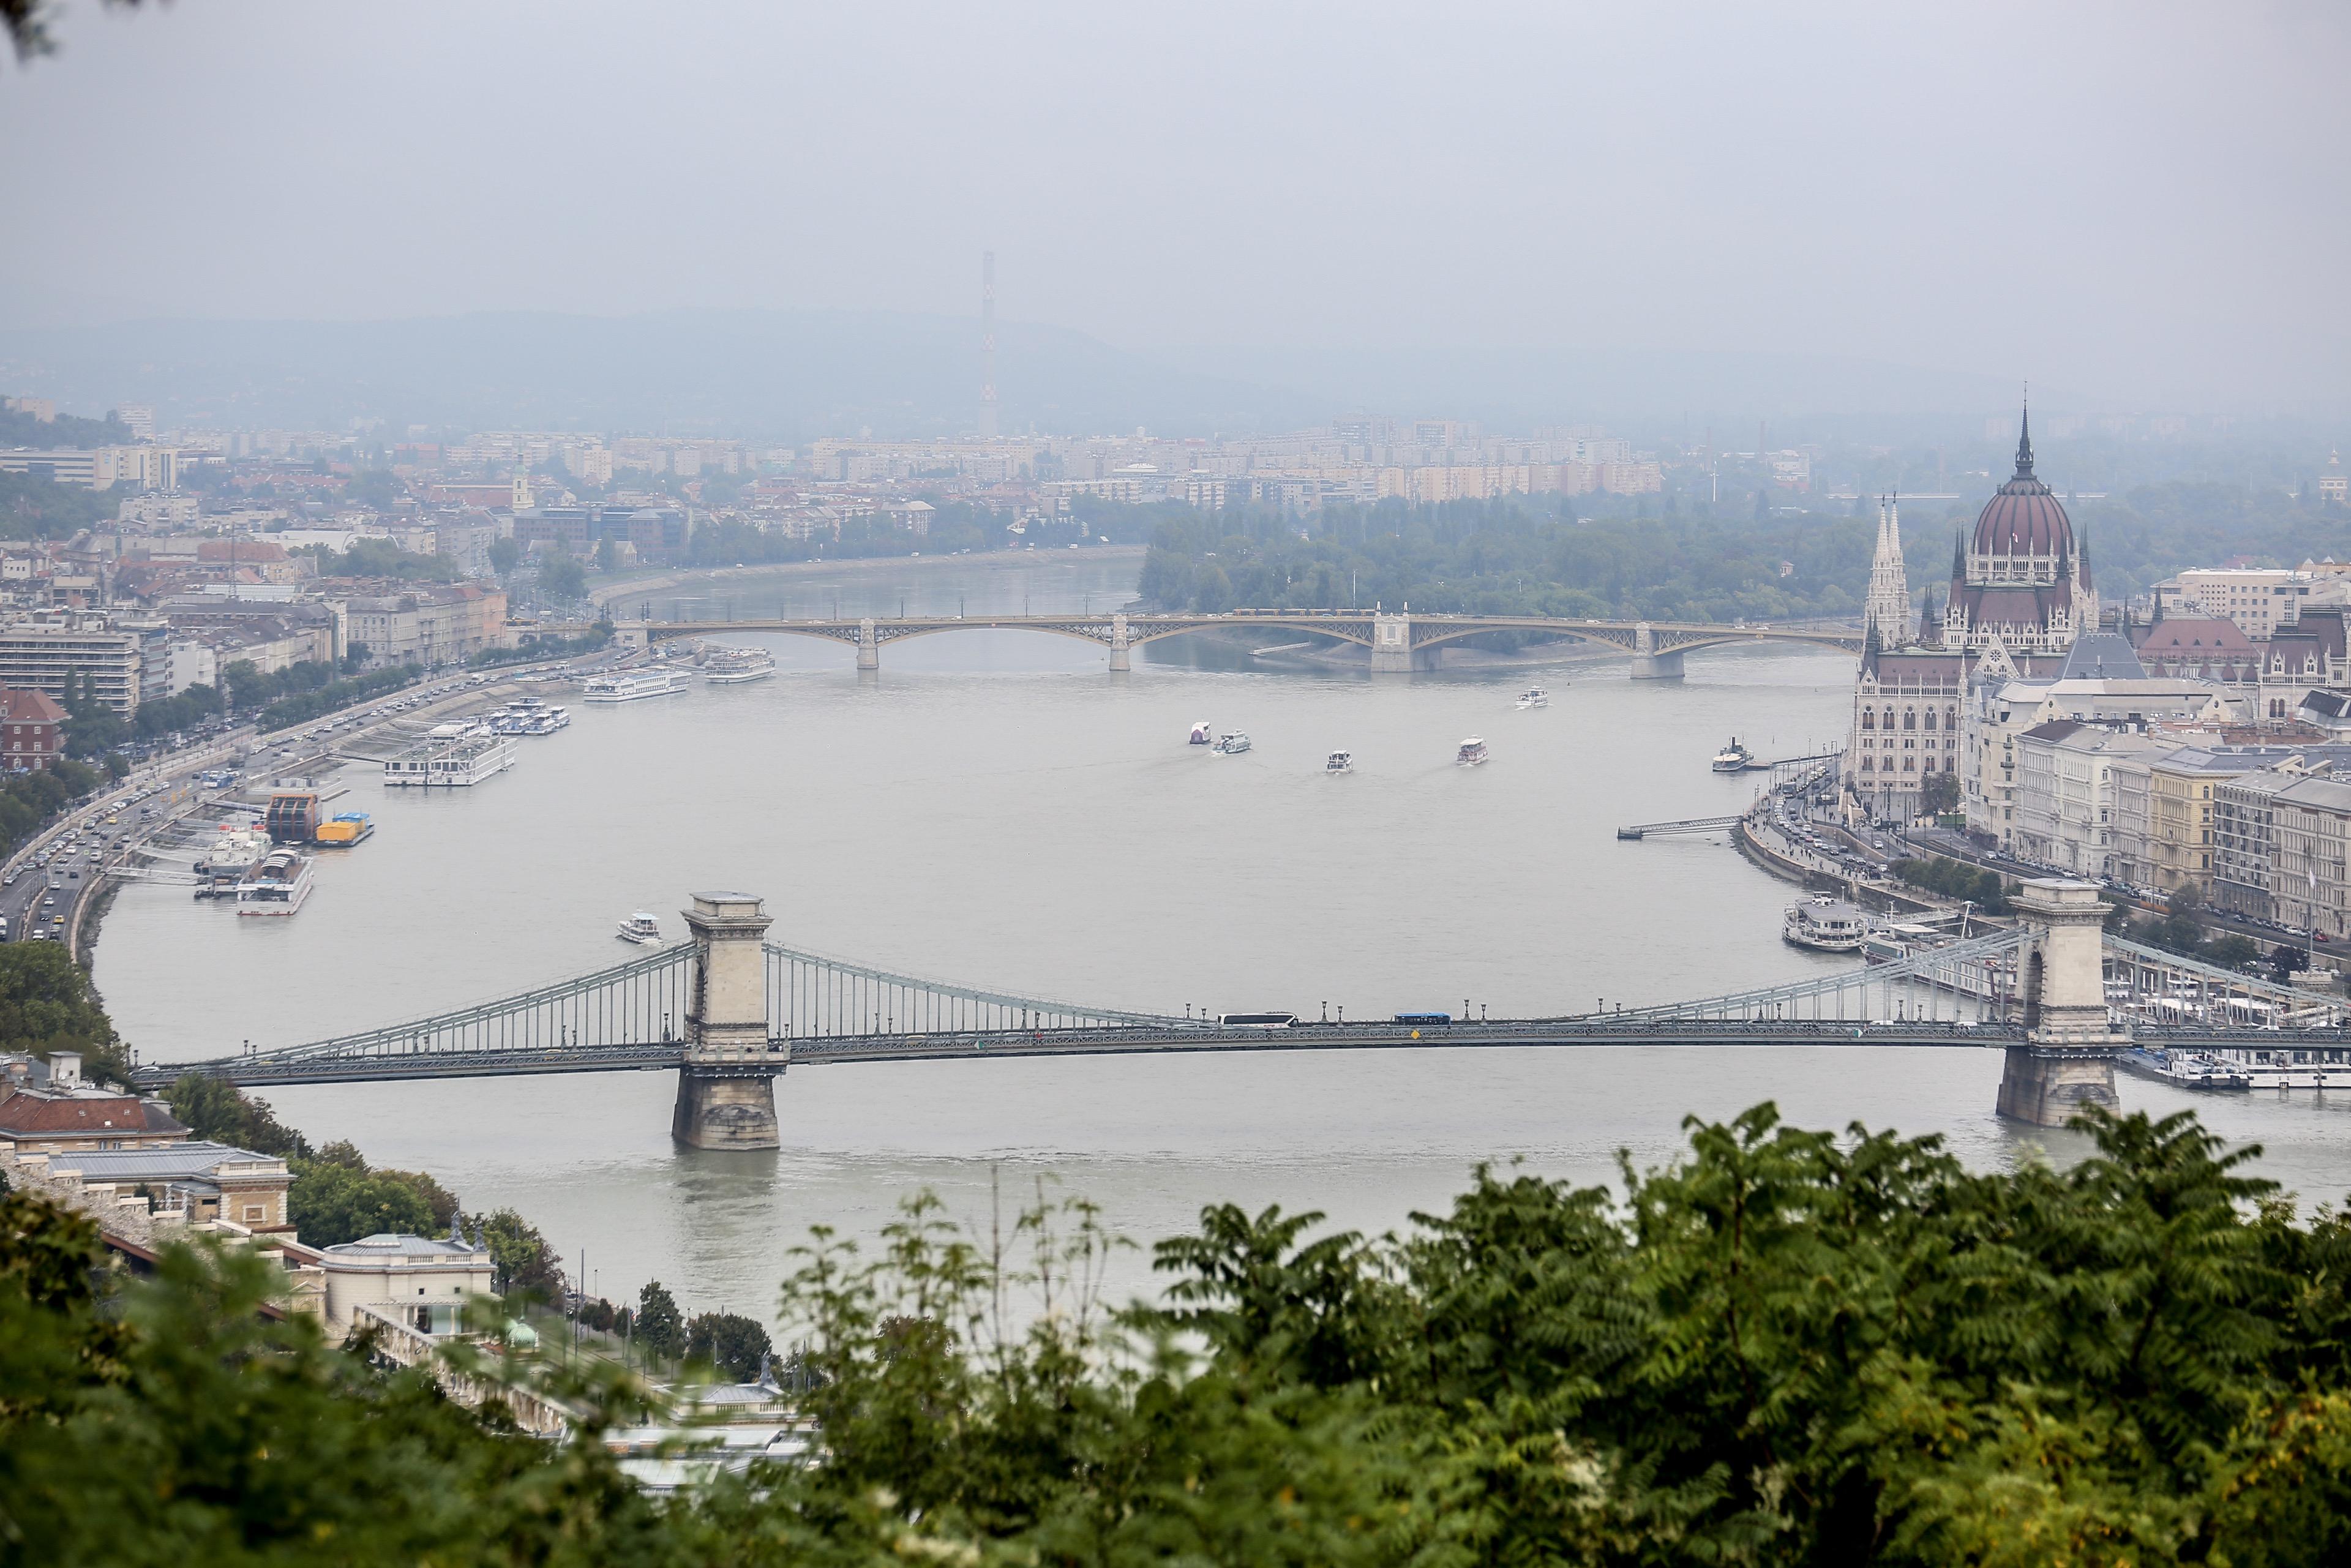 Elsőfokú árvízvédelmi készültség: áradnak a folyók